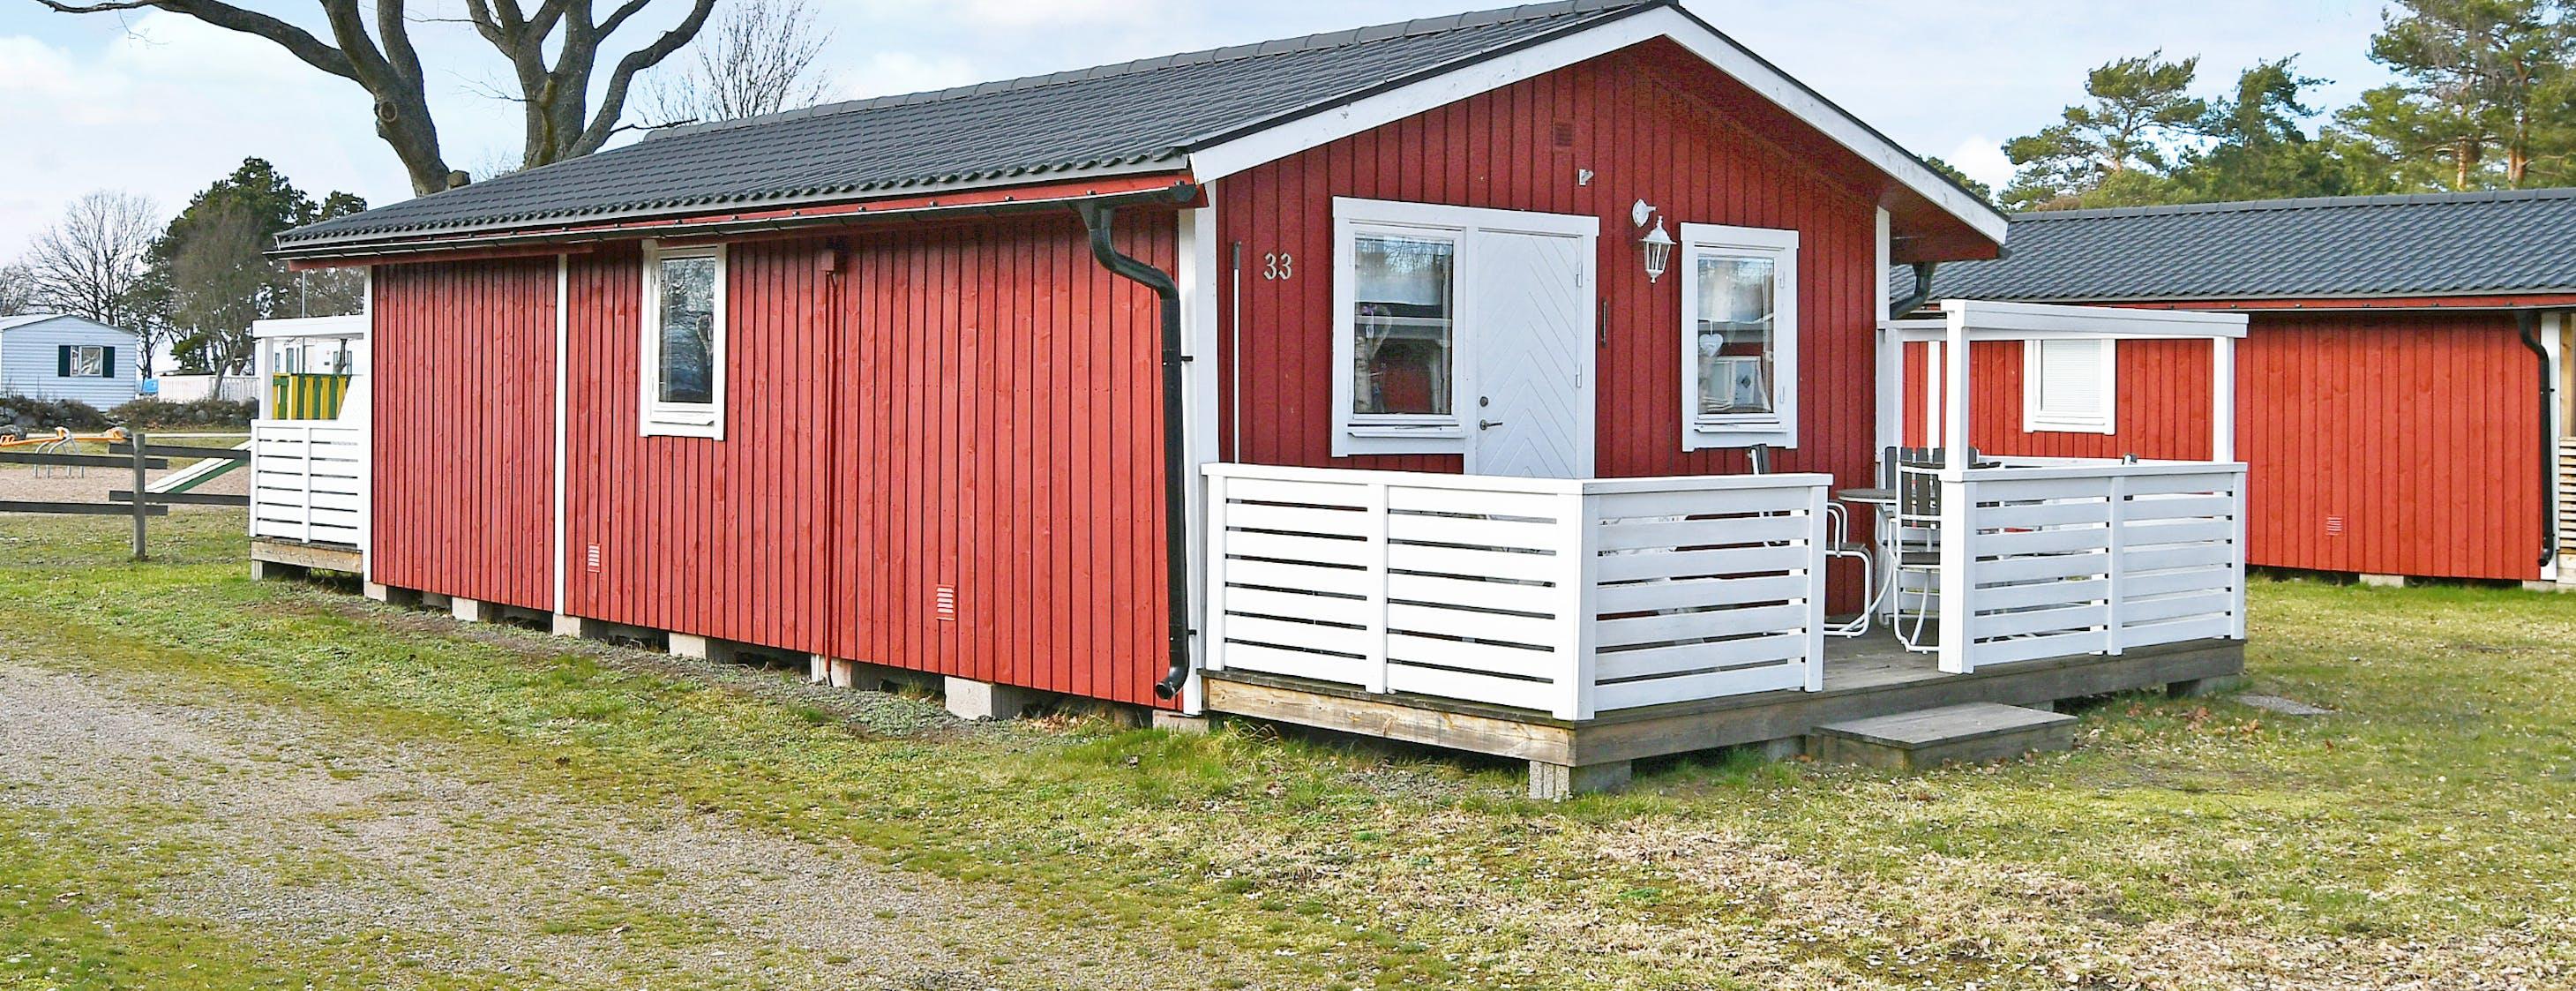 Stuga 33 Ekerums Camping